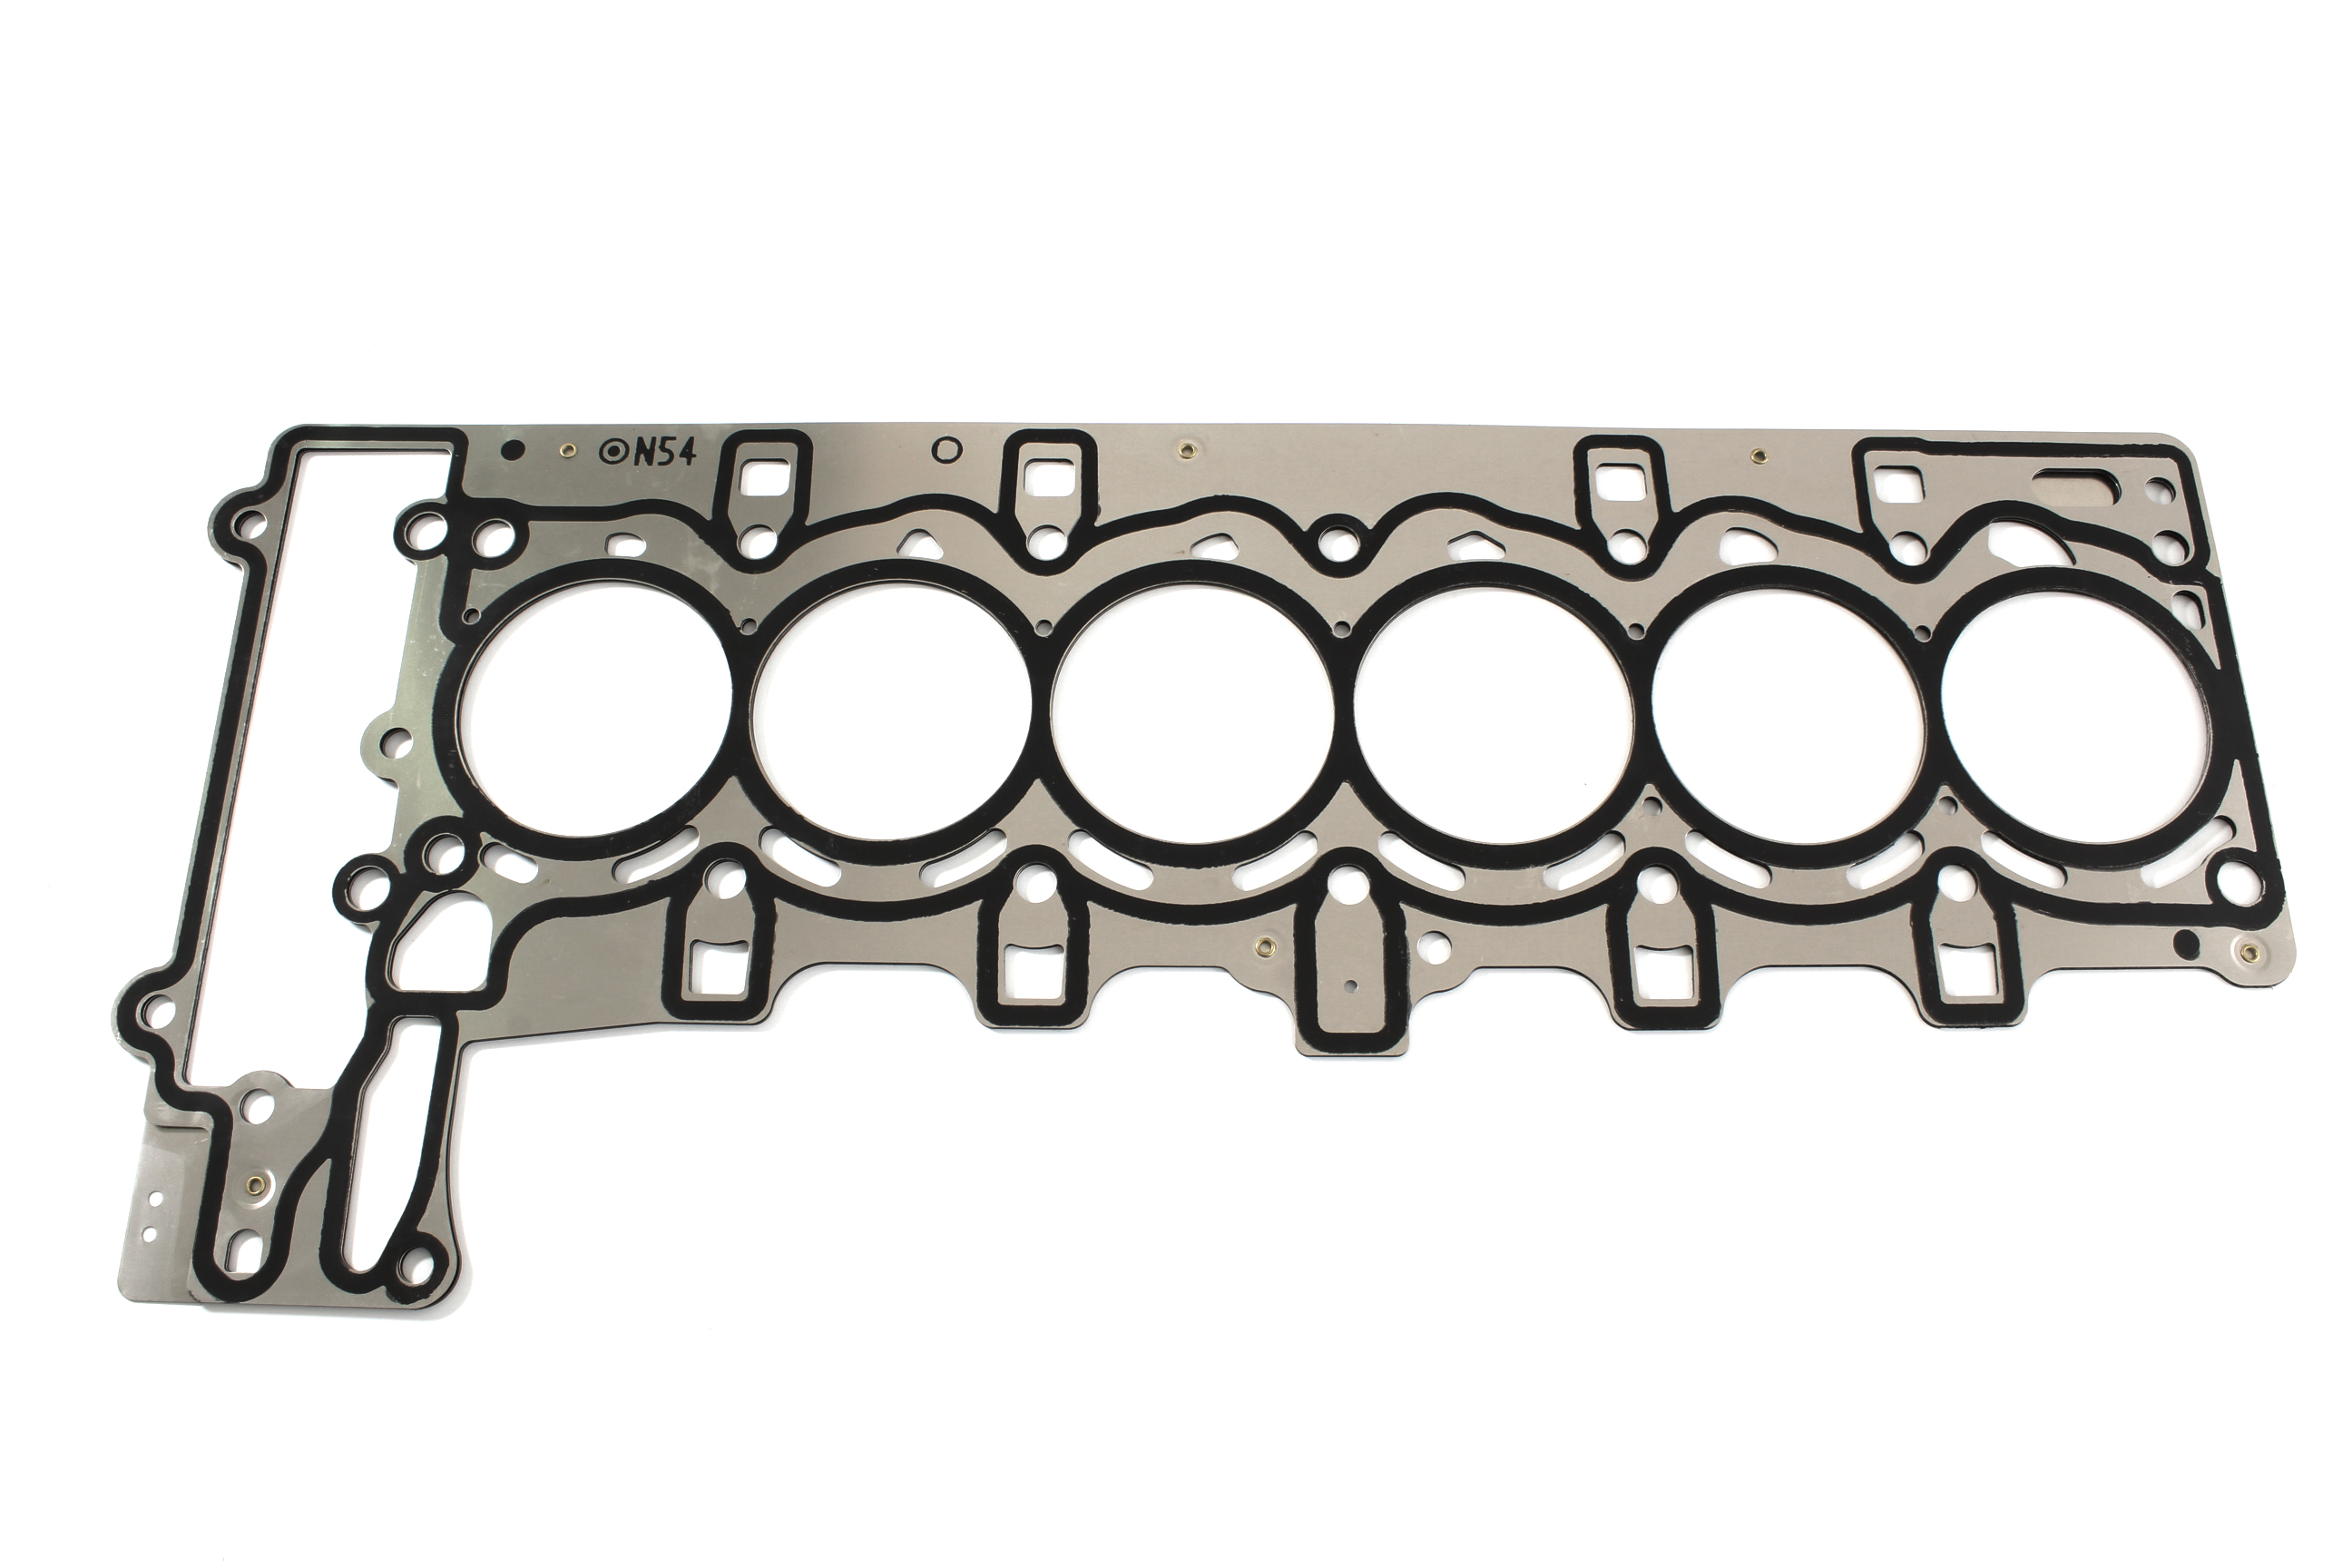 Junta da cabeça do cilindro VAR BMW série 3 E90 E91 E92 325 i 2.5 N52B25 11127555755 NOVO